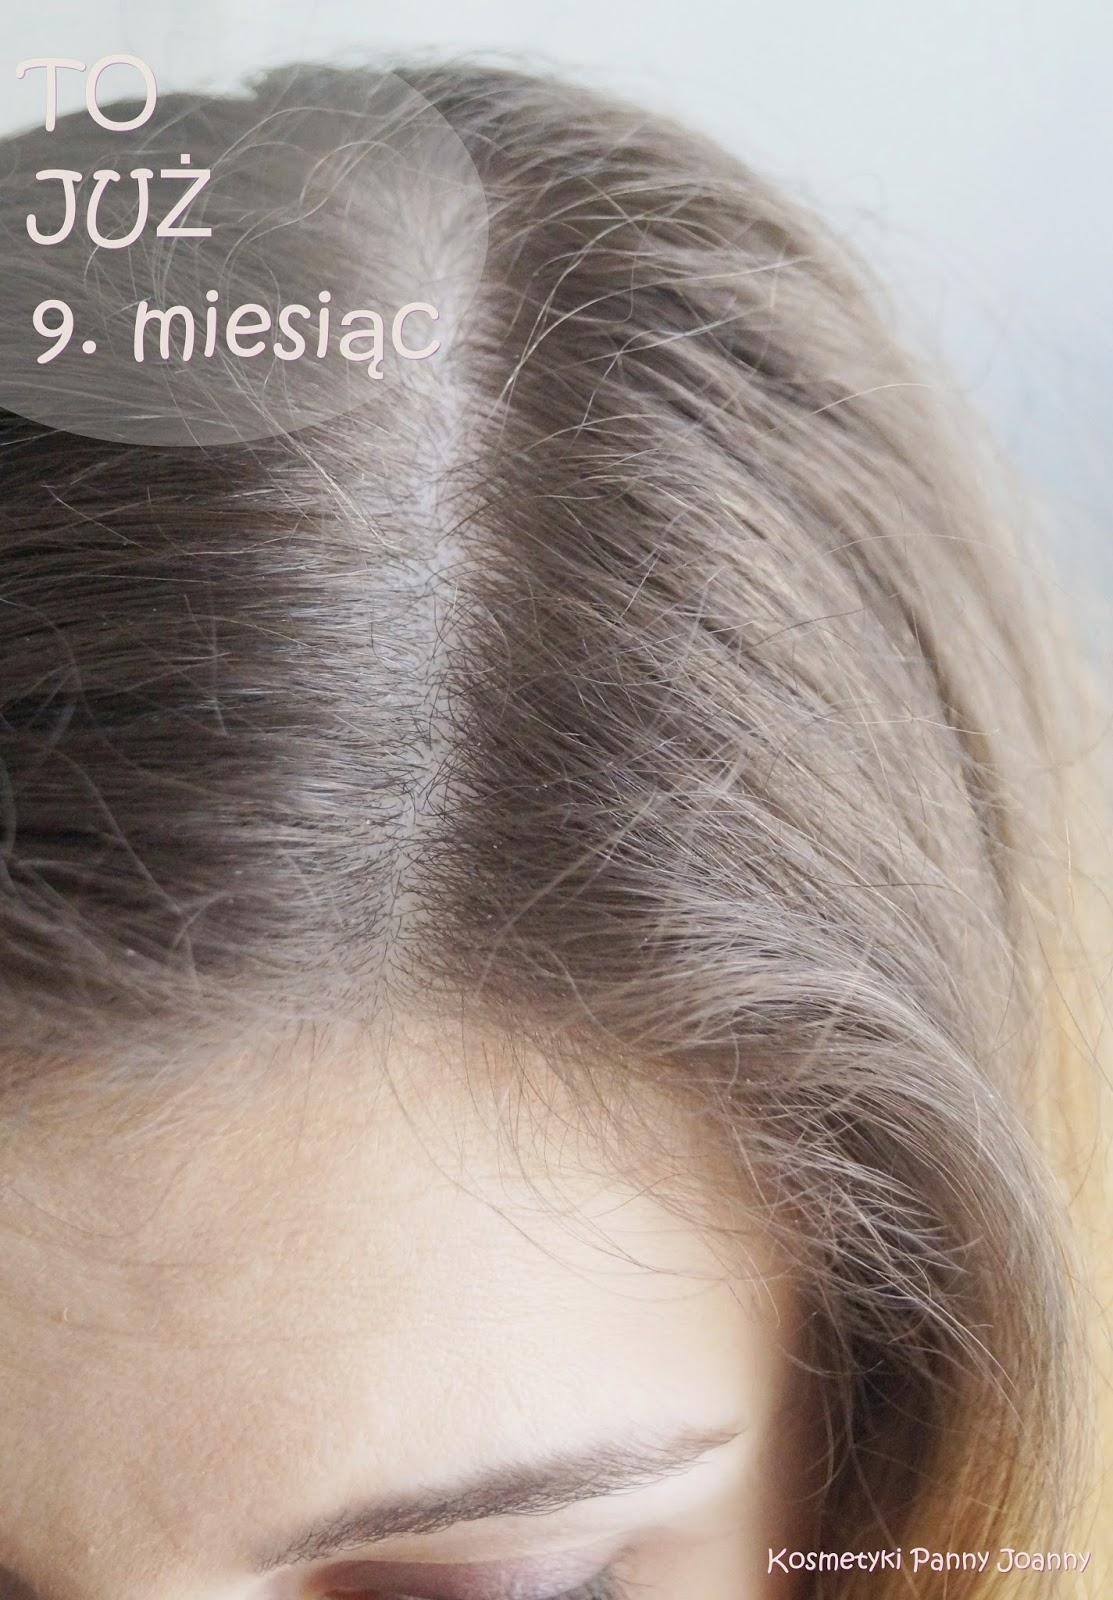 O tym jak od 9 miesięcy nie farbuje włosów